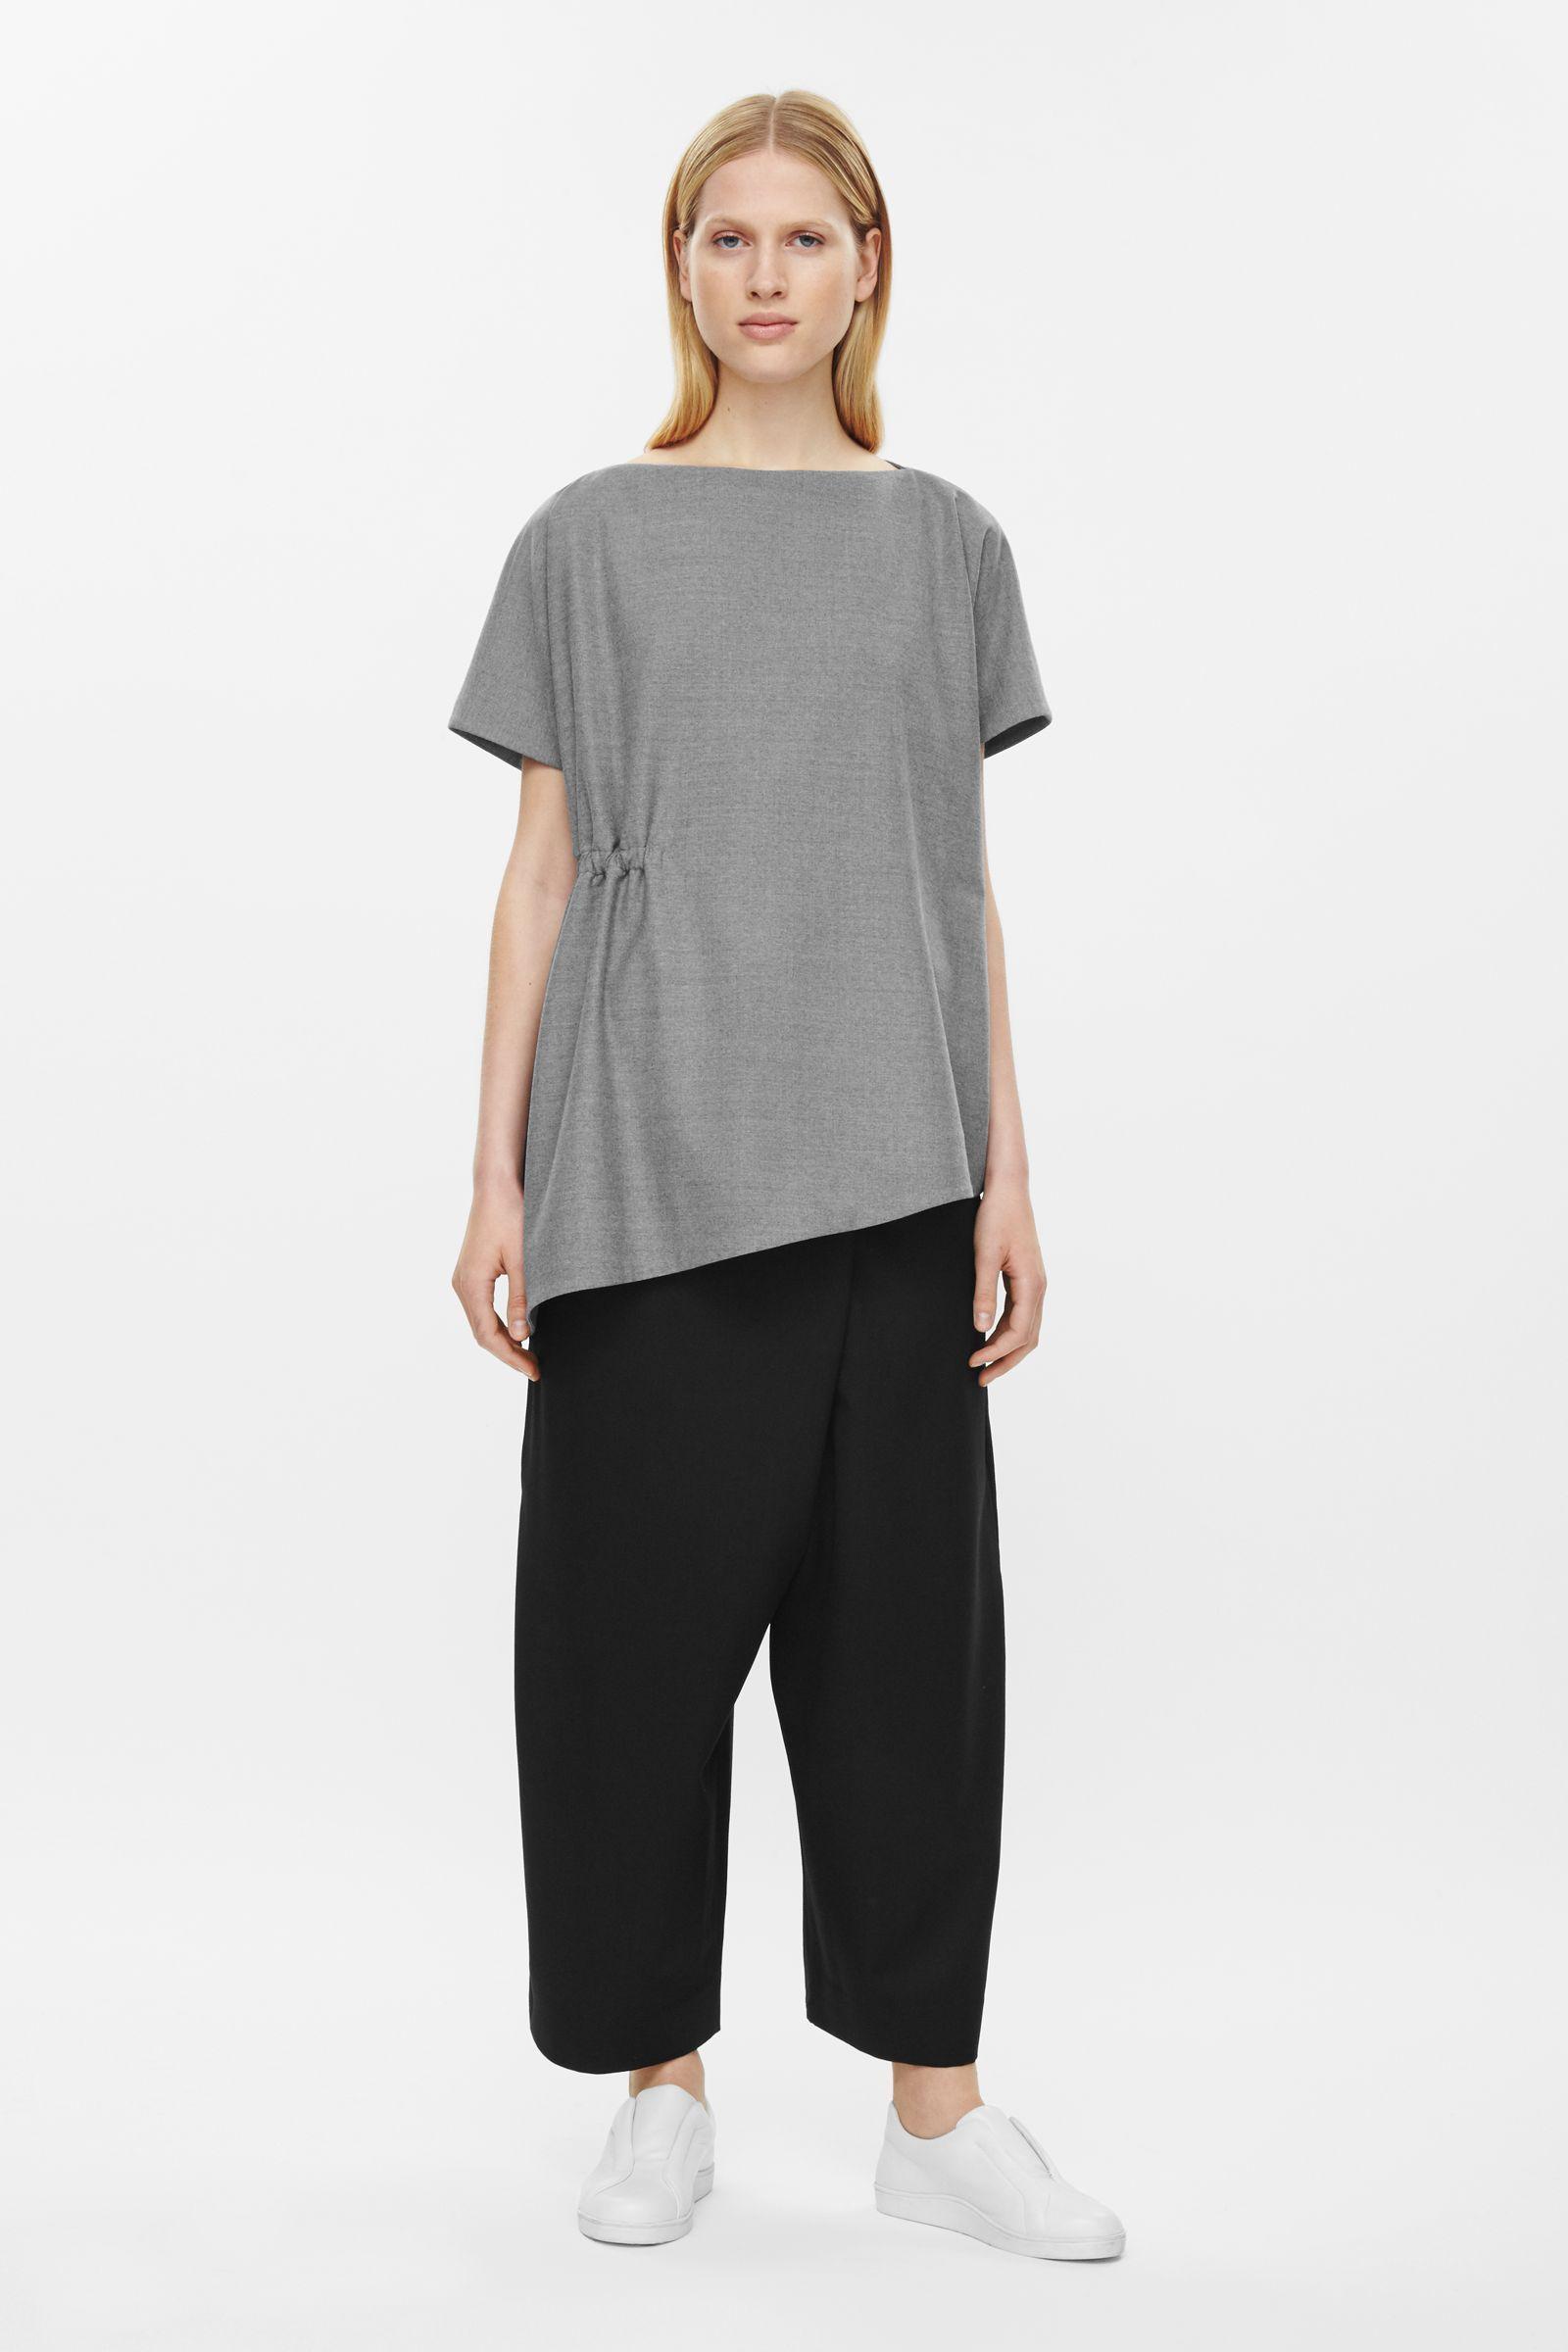 Top avec le côté rassemblé t恤 pinterest cos tops clothes and